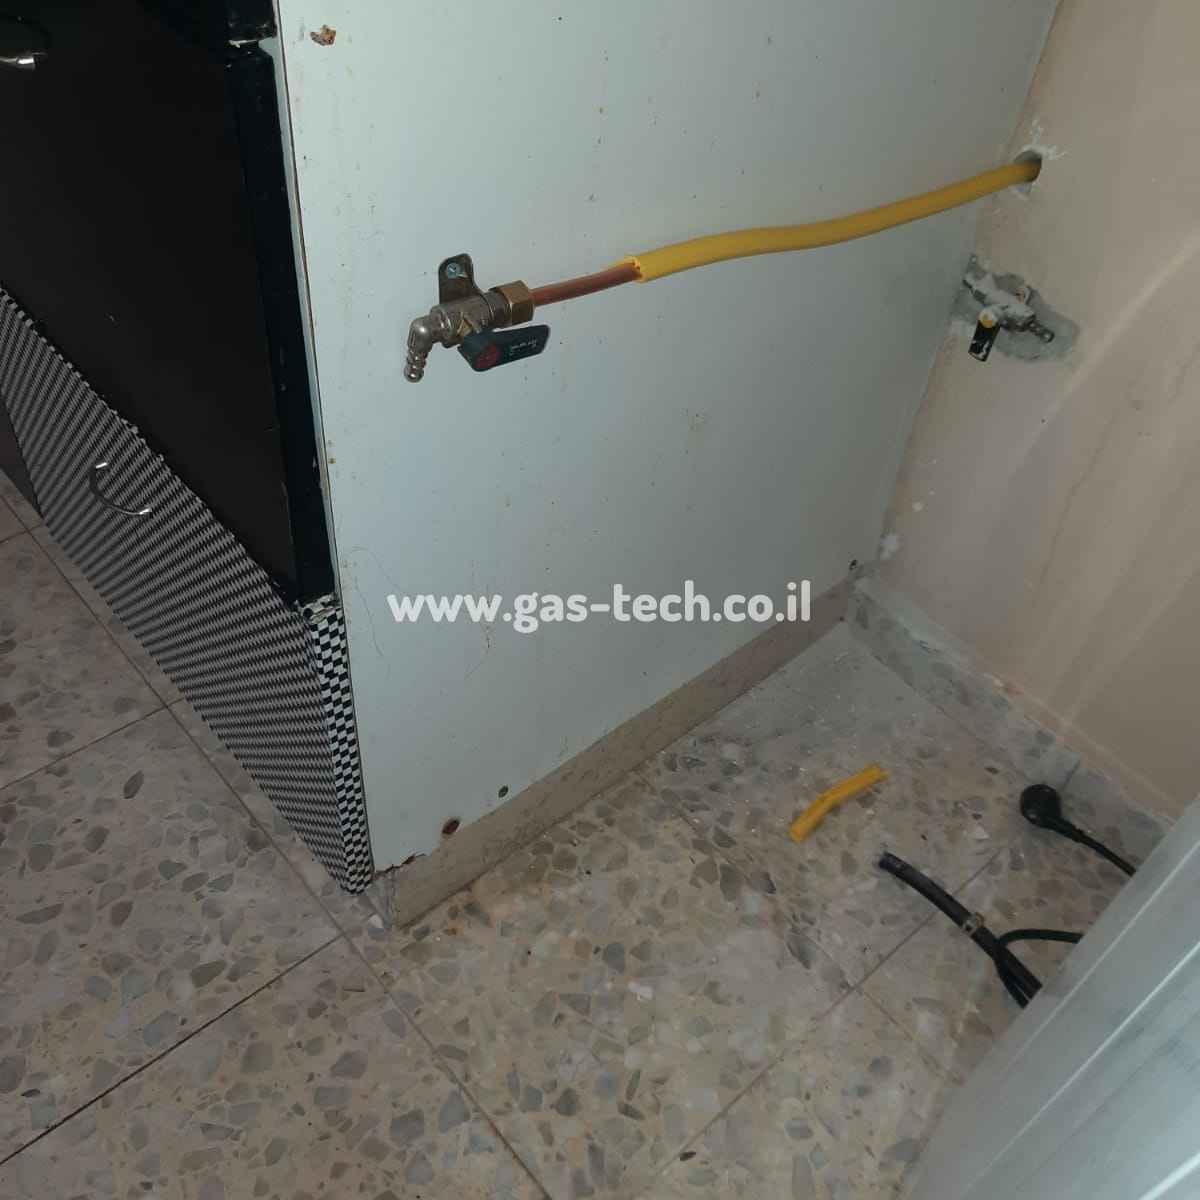 צינור גז צהוב - פריסת תשתית ביחידת דיור